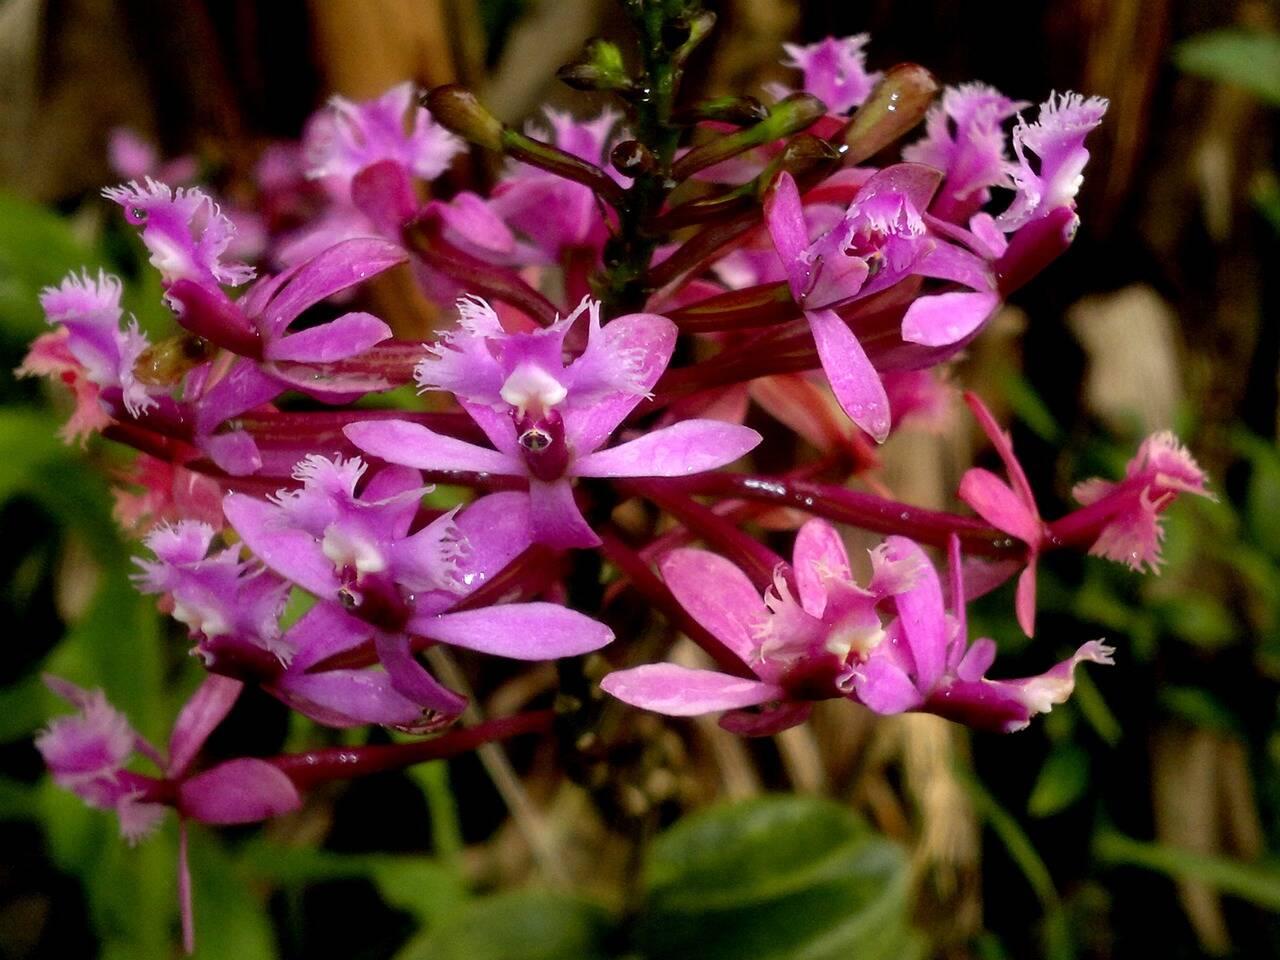 As orquídeas nascem em meio à floresta amazônica. Foto: Pixabay